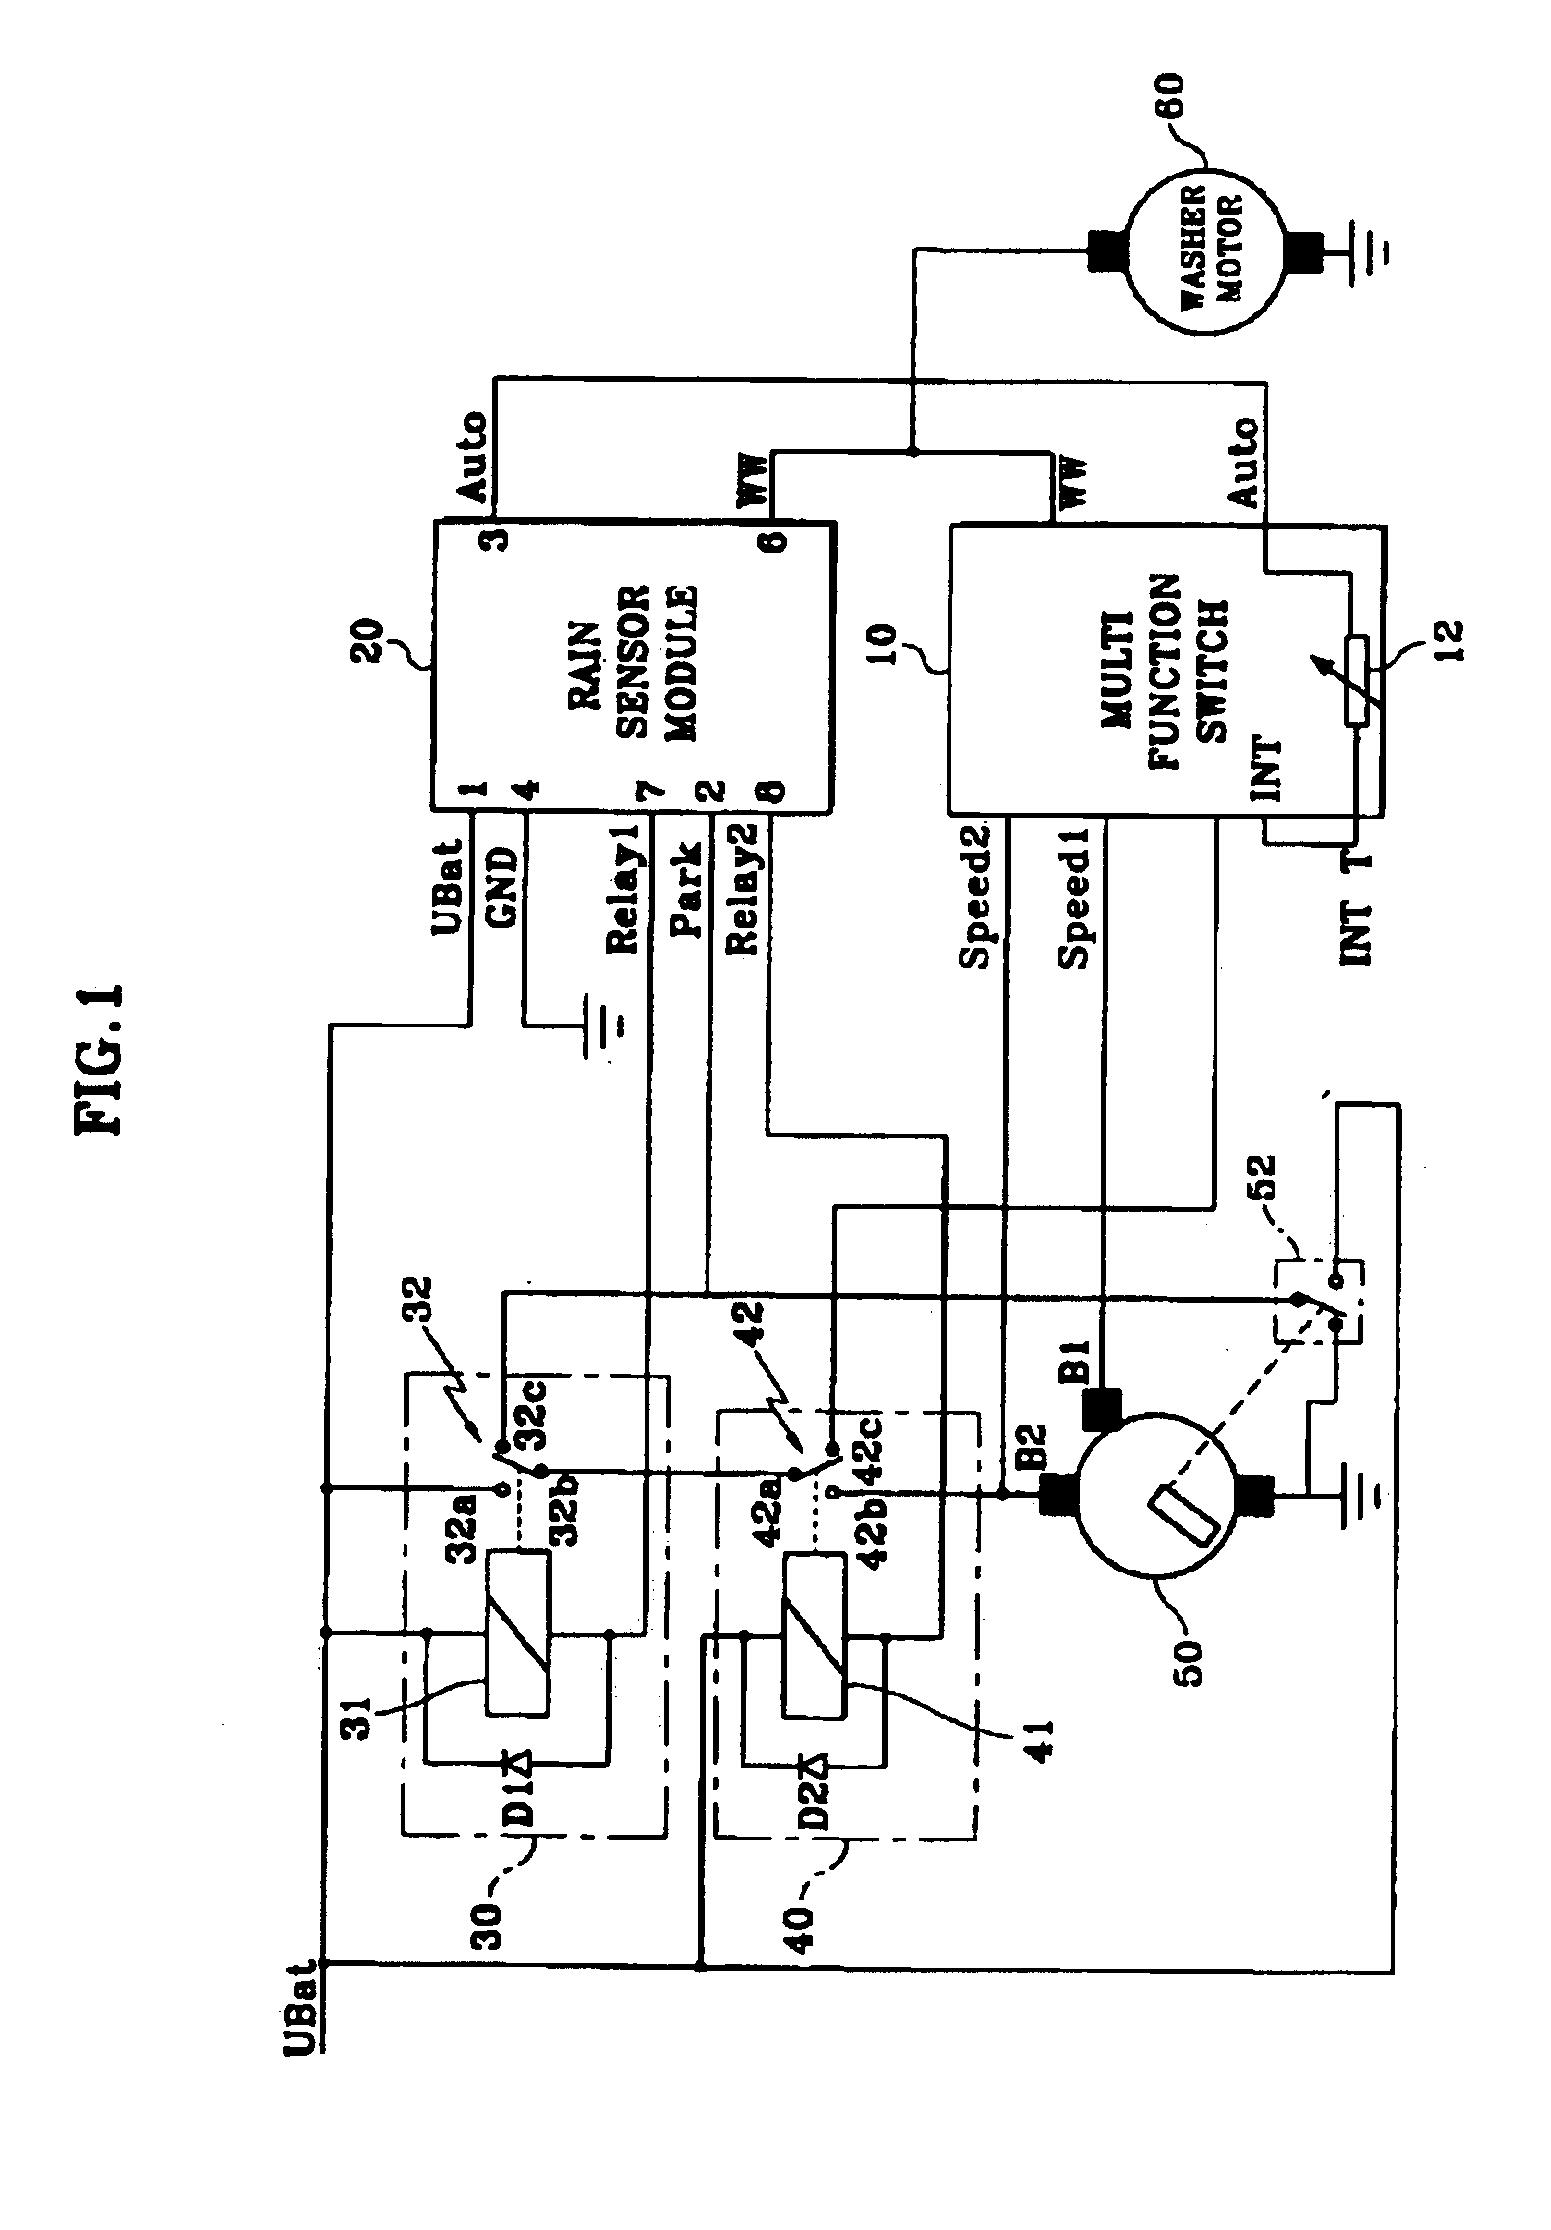 valeo wiper motor wiring diagram vw 12v wiper motor diagram wiring diagram